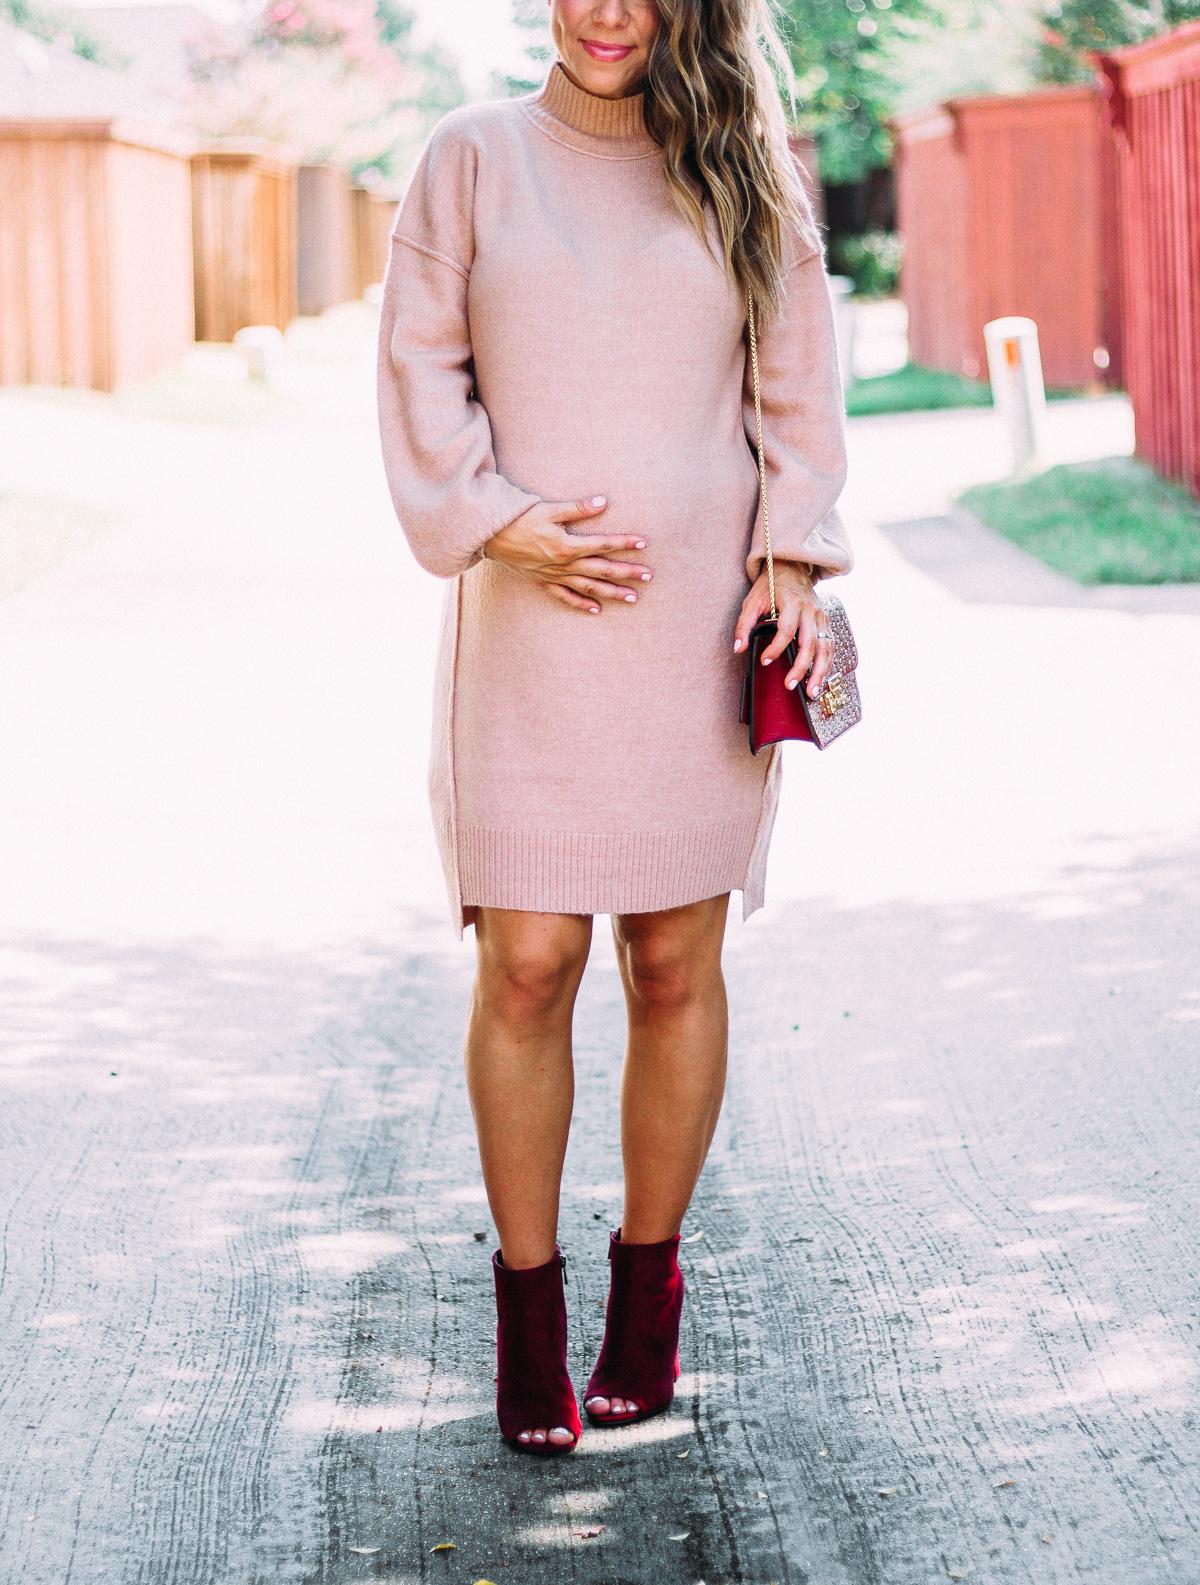 Pregnant-Fashion-Blogger-4845